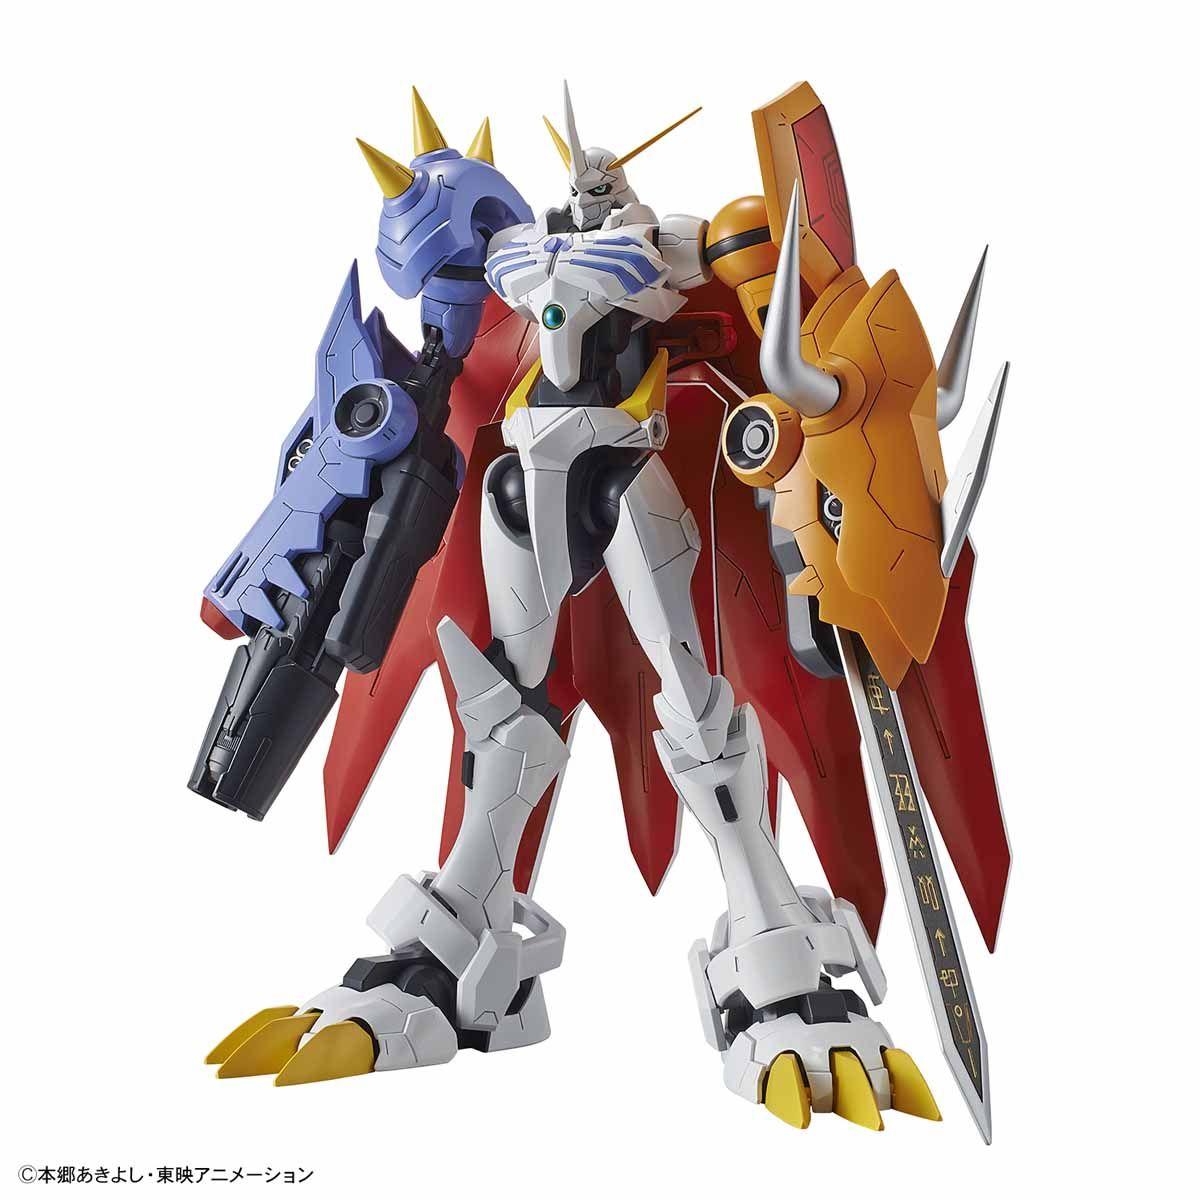 【再販】Figure-rise Standard『オメガモン(AMPLIFIED)』デジモンアドベンチャー プラモデル-001